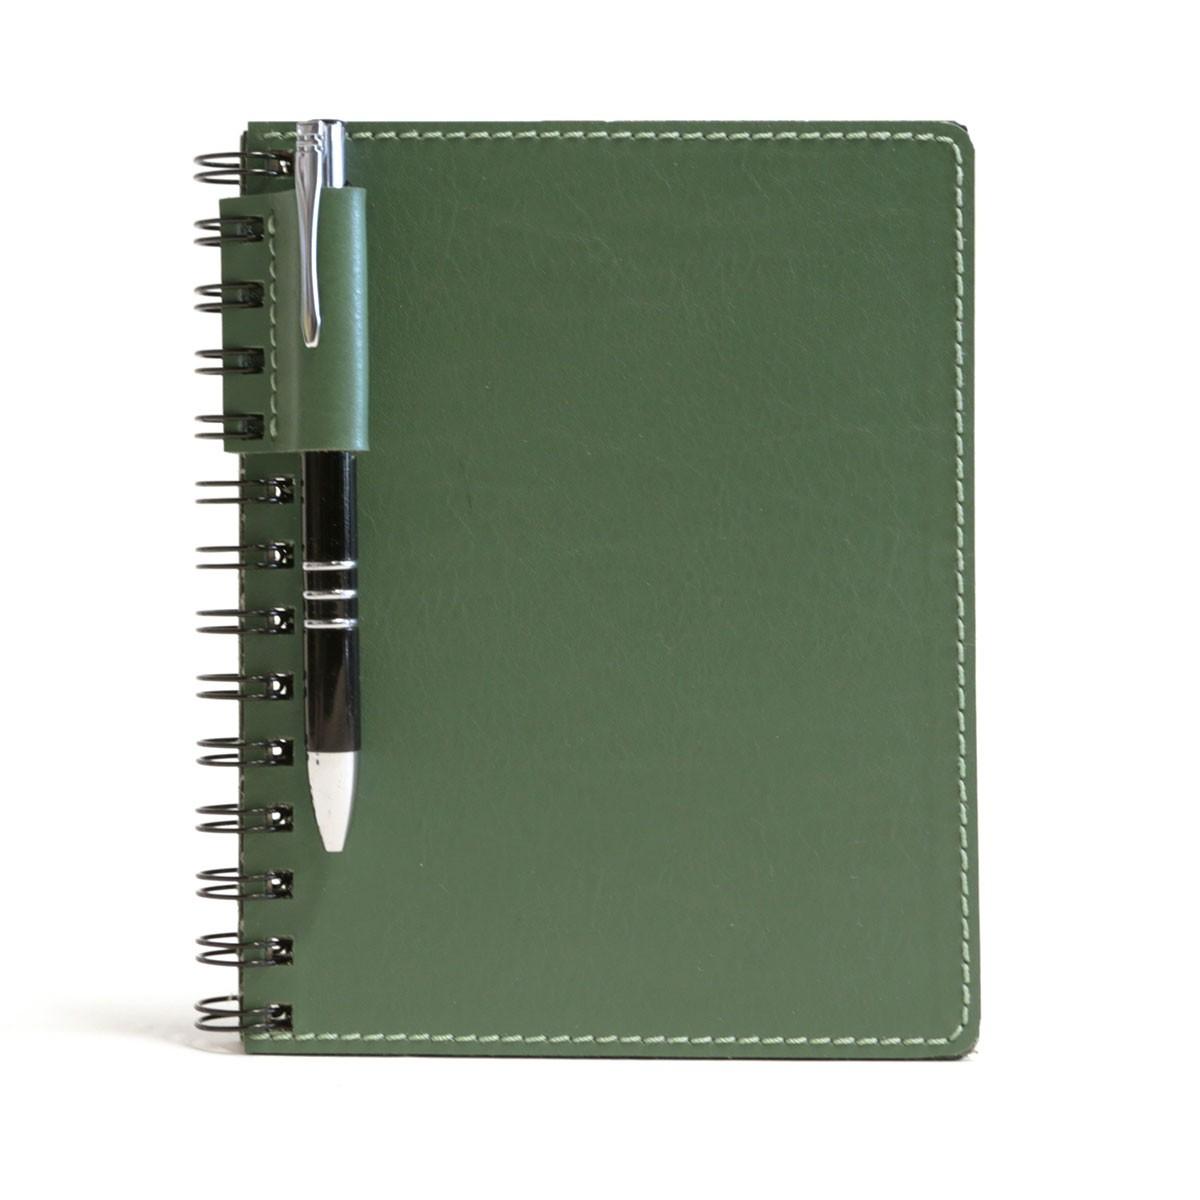 Caderno wire-o com caneta (Montana Verde Musgo)